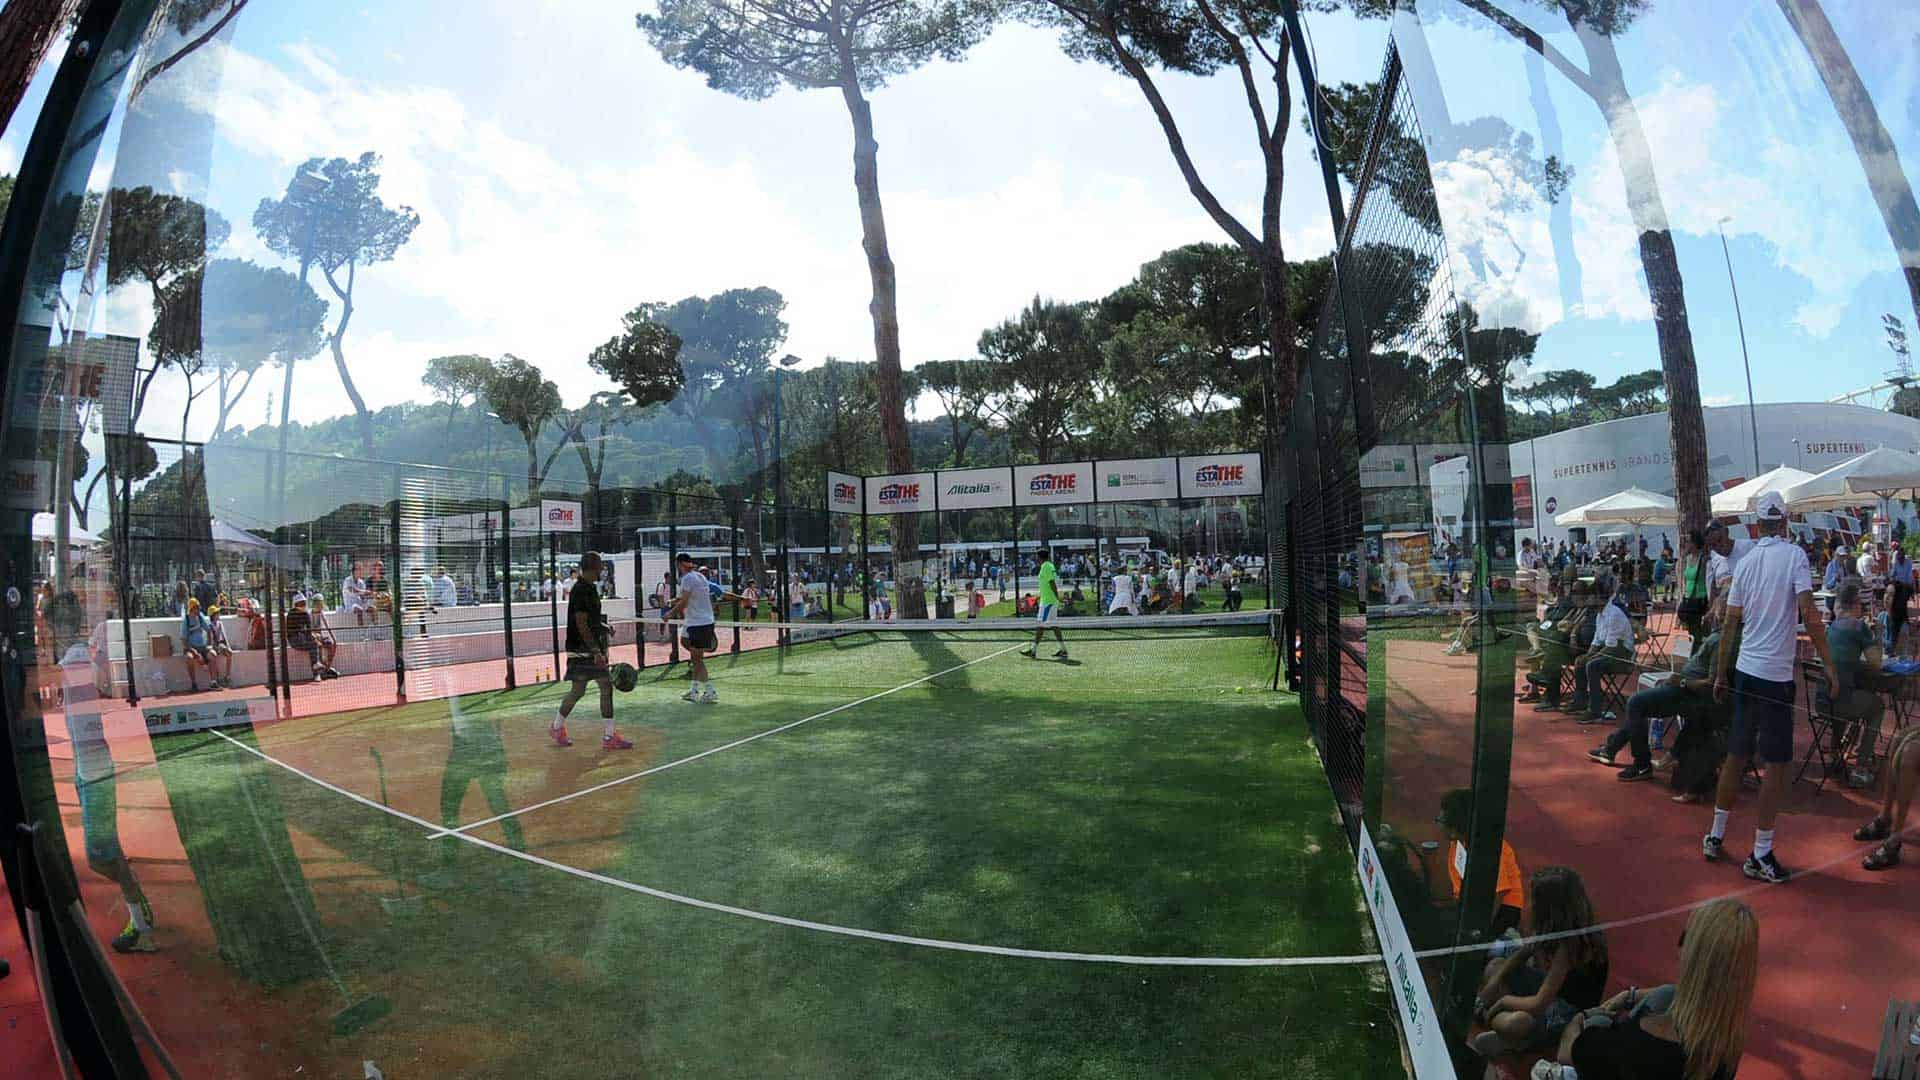 ITALIAN OPEN (TENNIS)